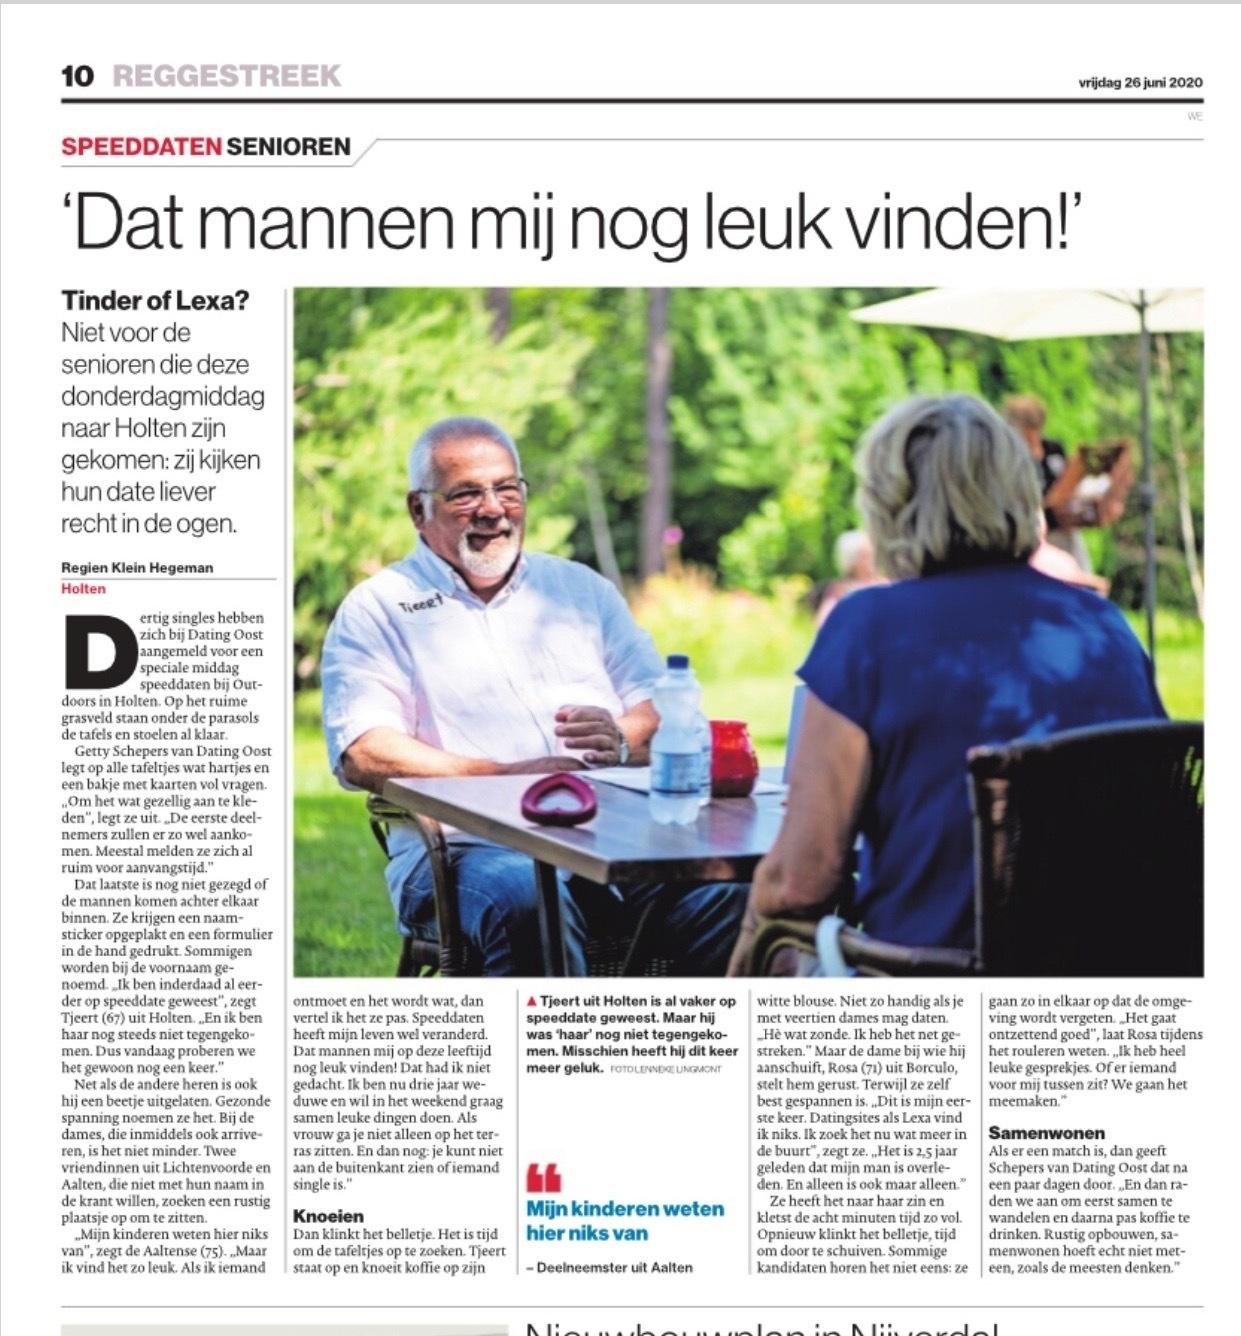 Speeddaten voor senioren in outdoors holten dating oost geschreven door Regien Klein Hegeman Holten Tubantia Reggestreek